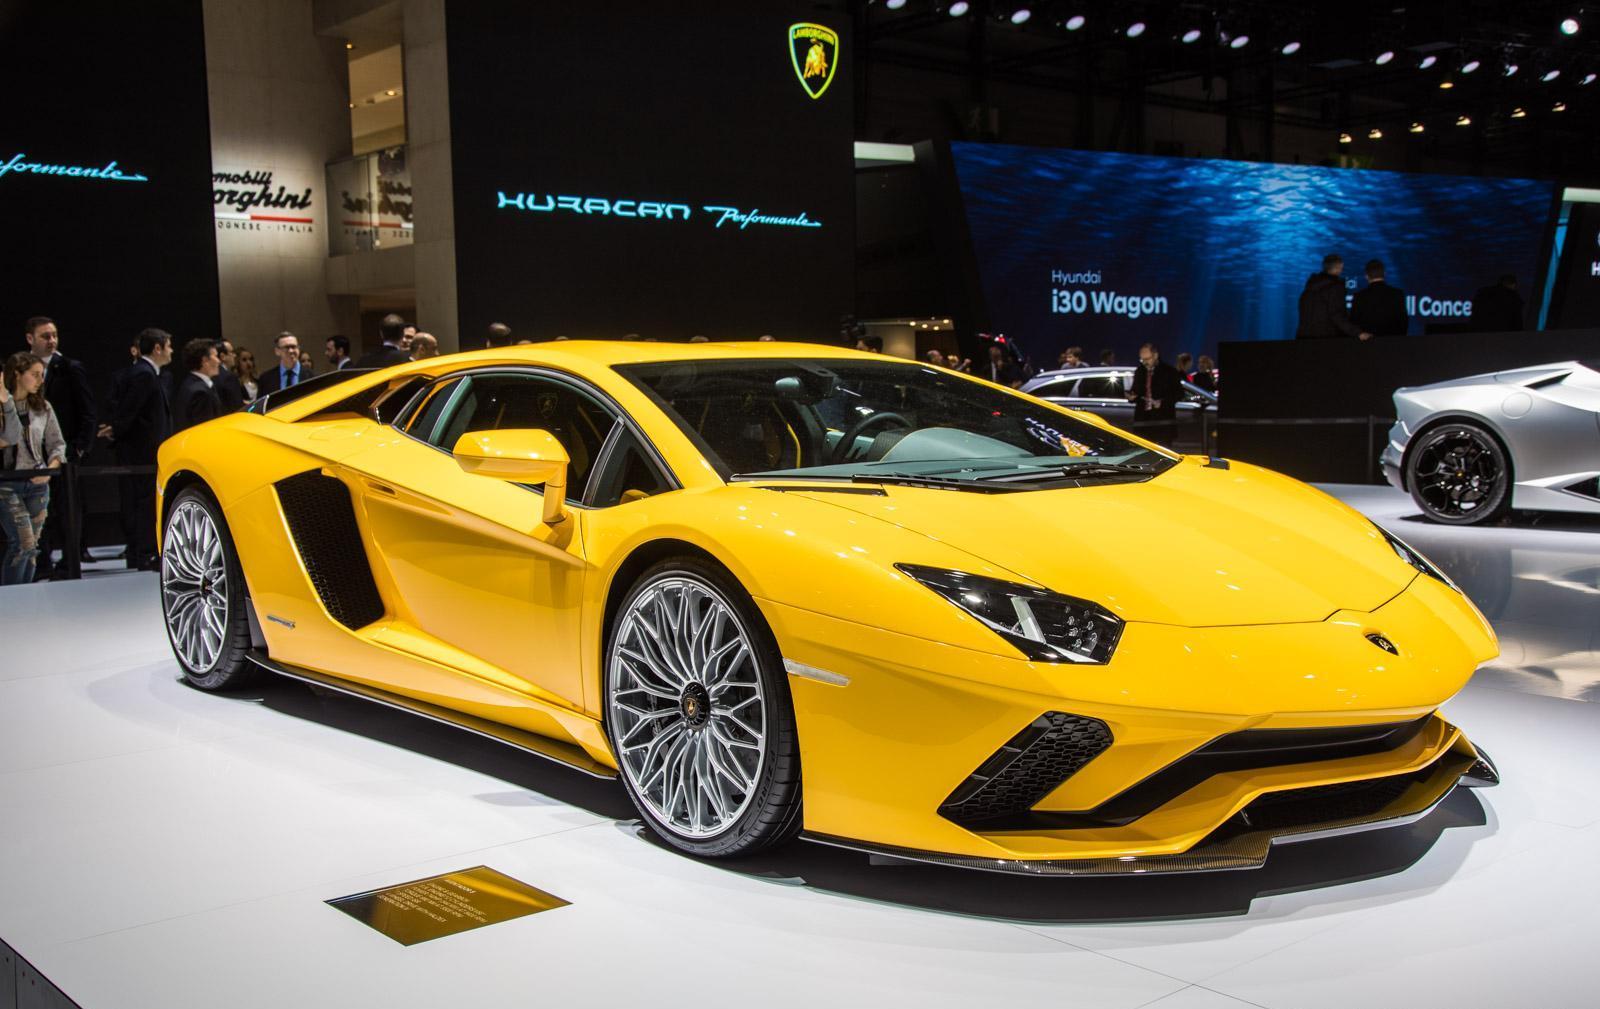 Lamborghini-aventador-s-001